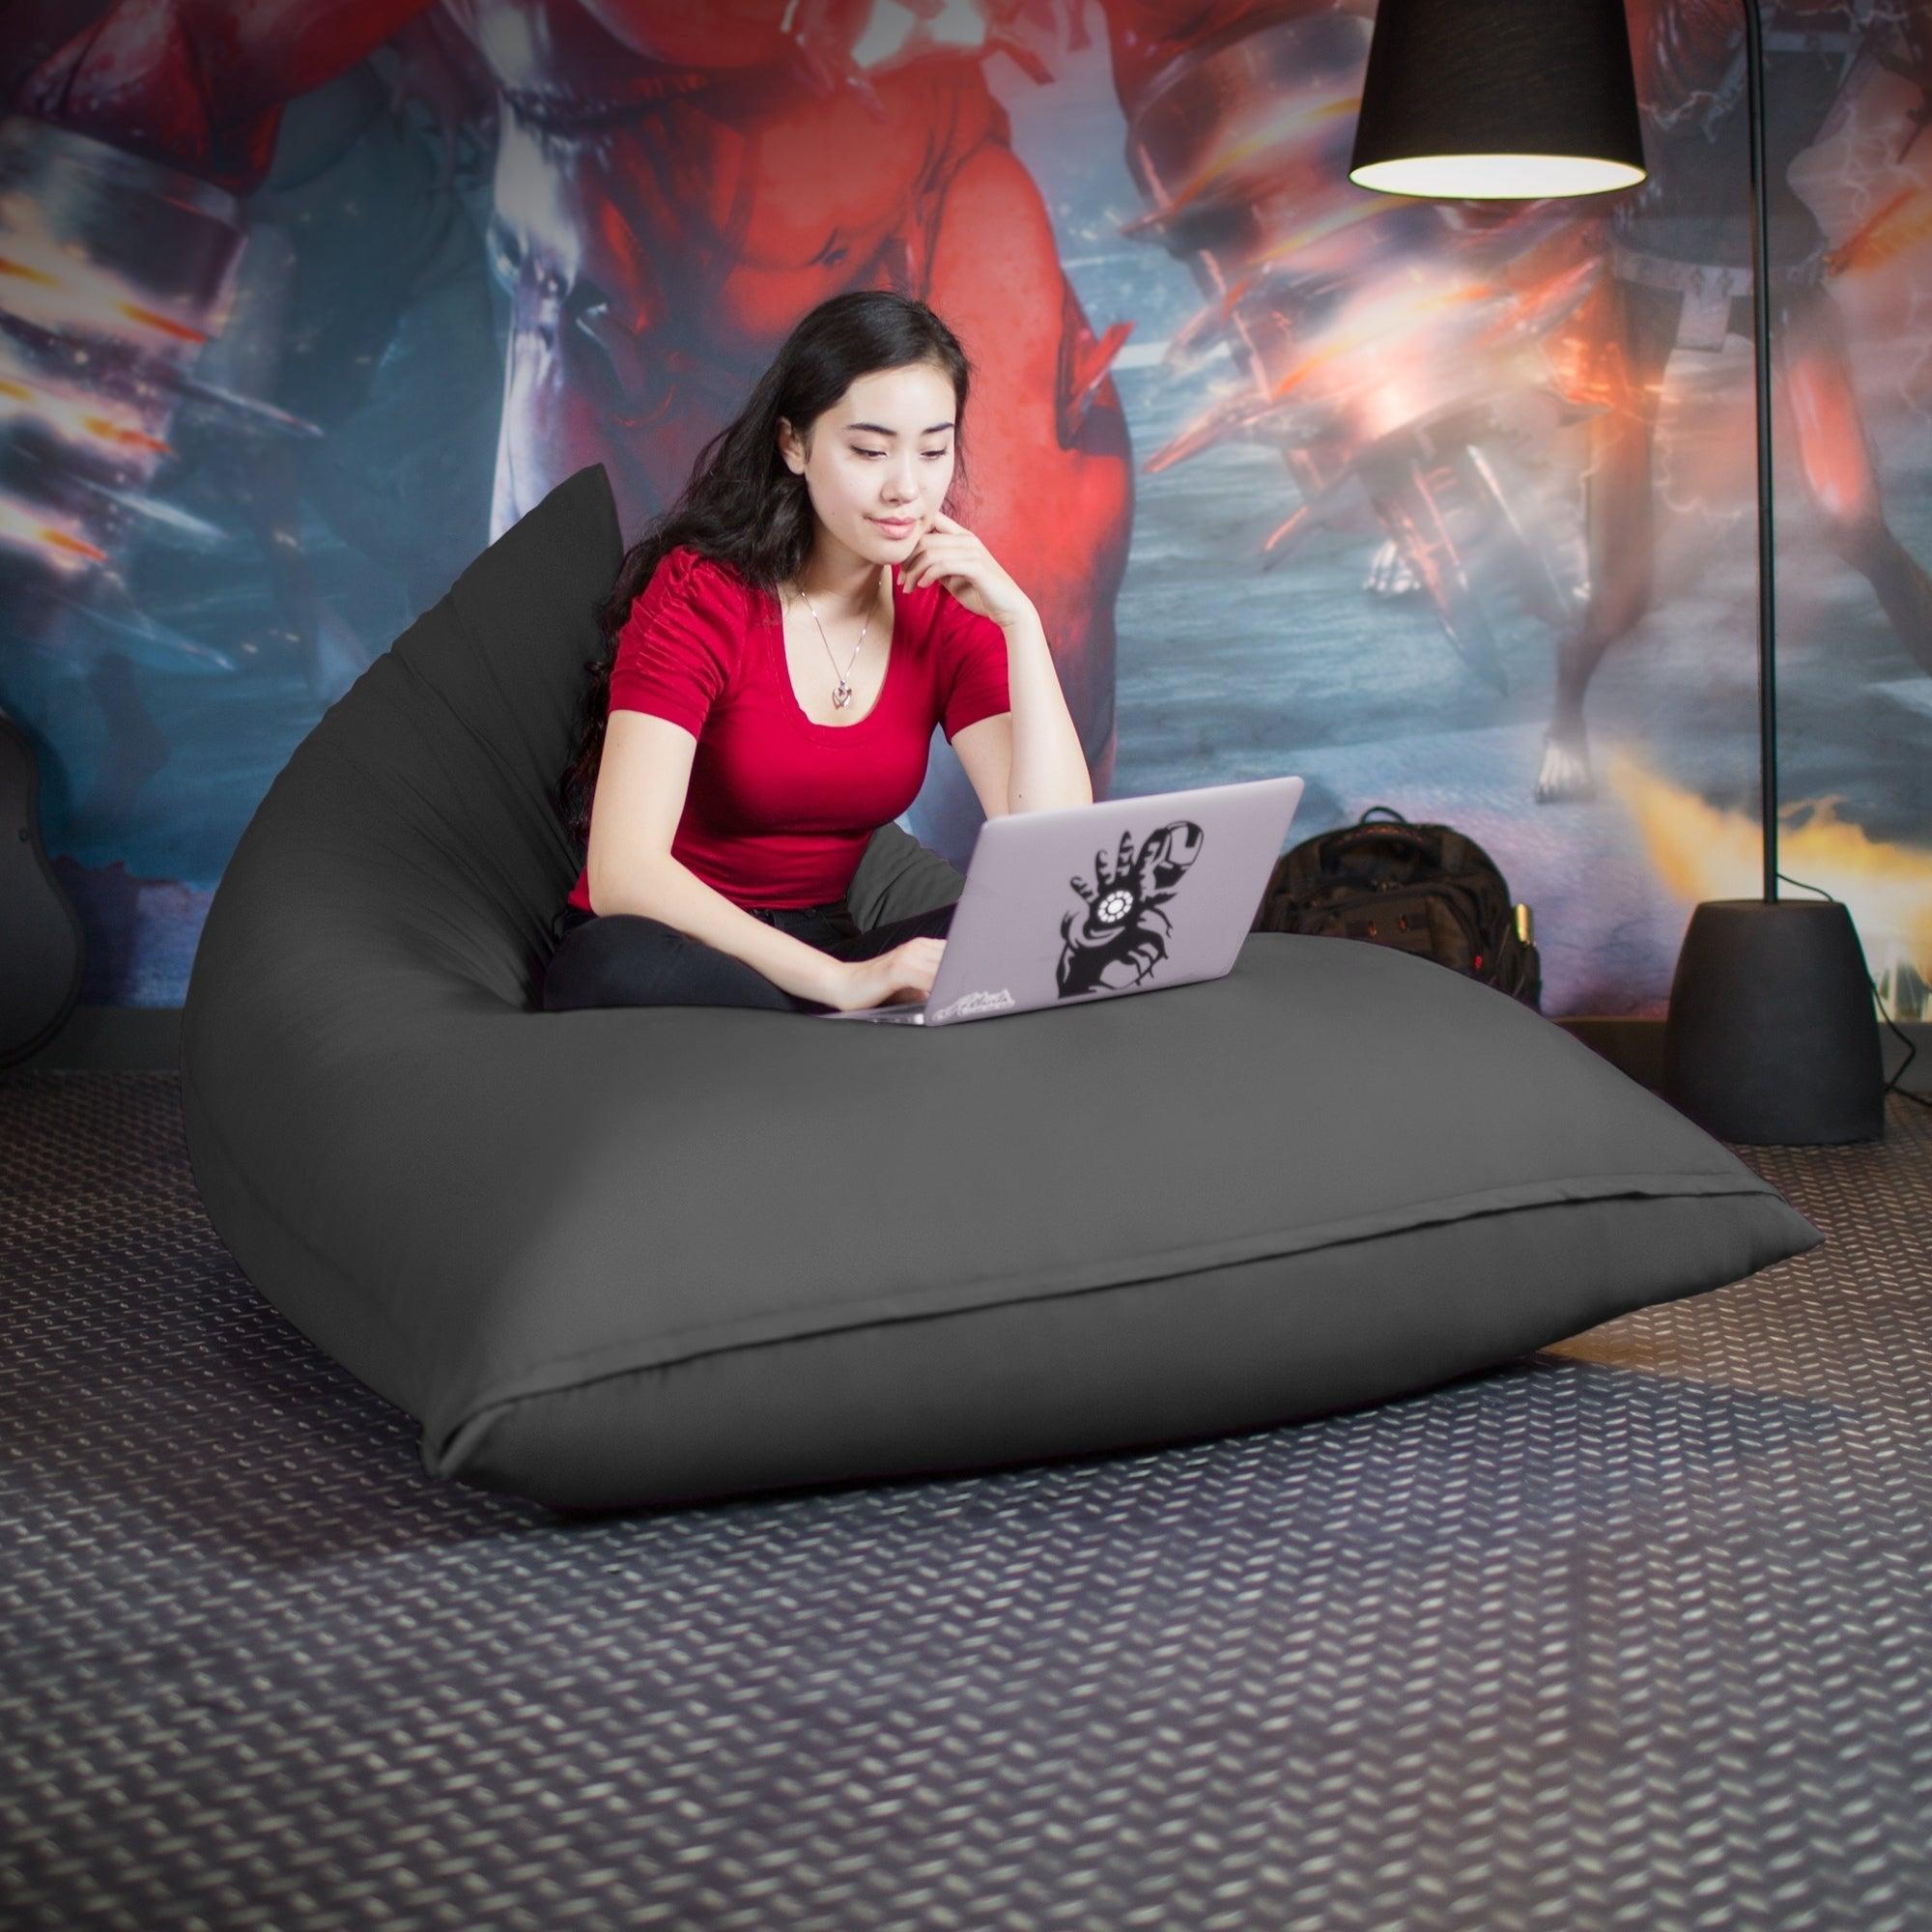 Etonnant Jaxx Pivot Bean Bag Chair With Cotton Cover